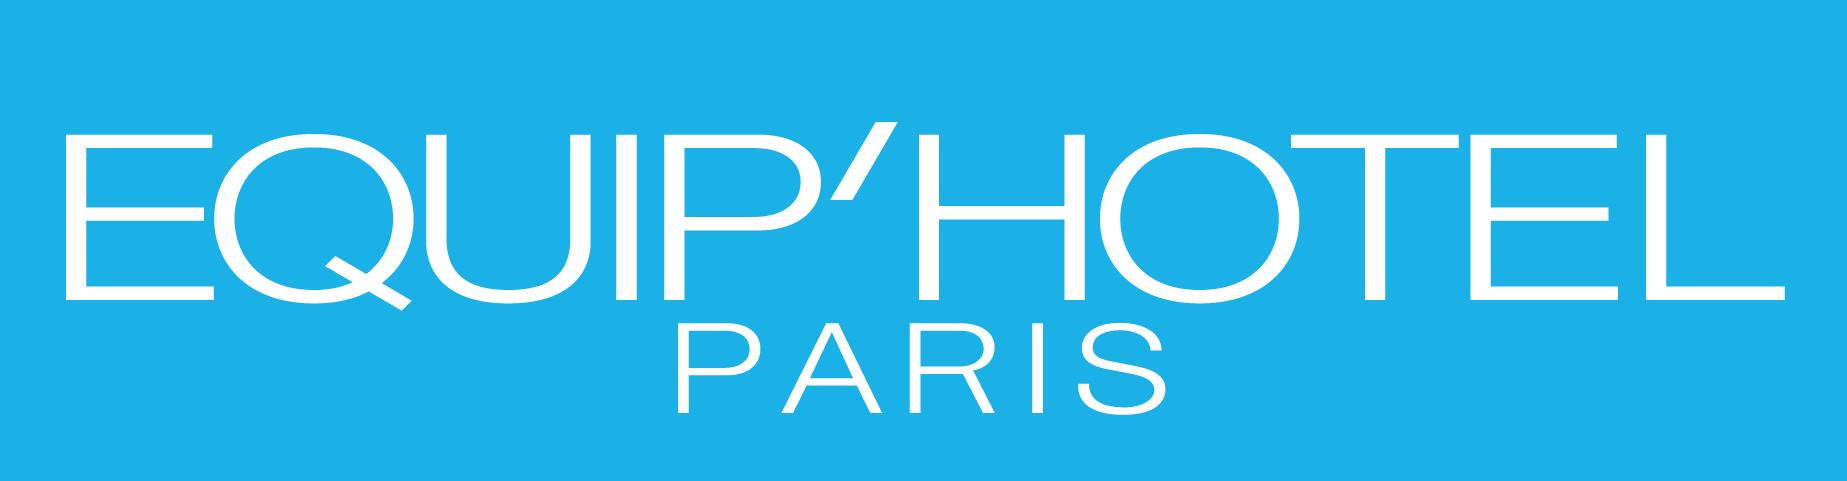 Equip-Hotel-Paris.png